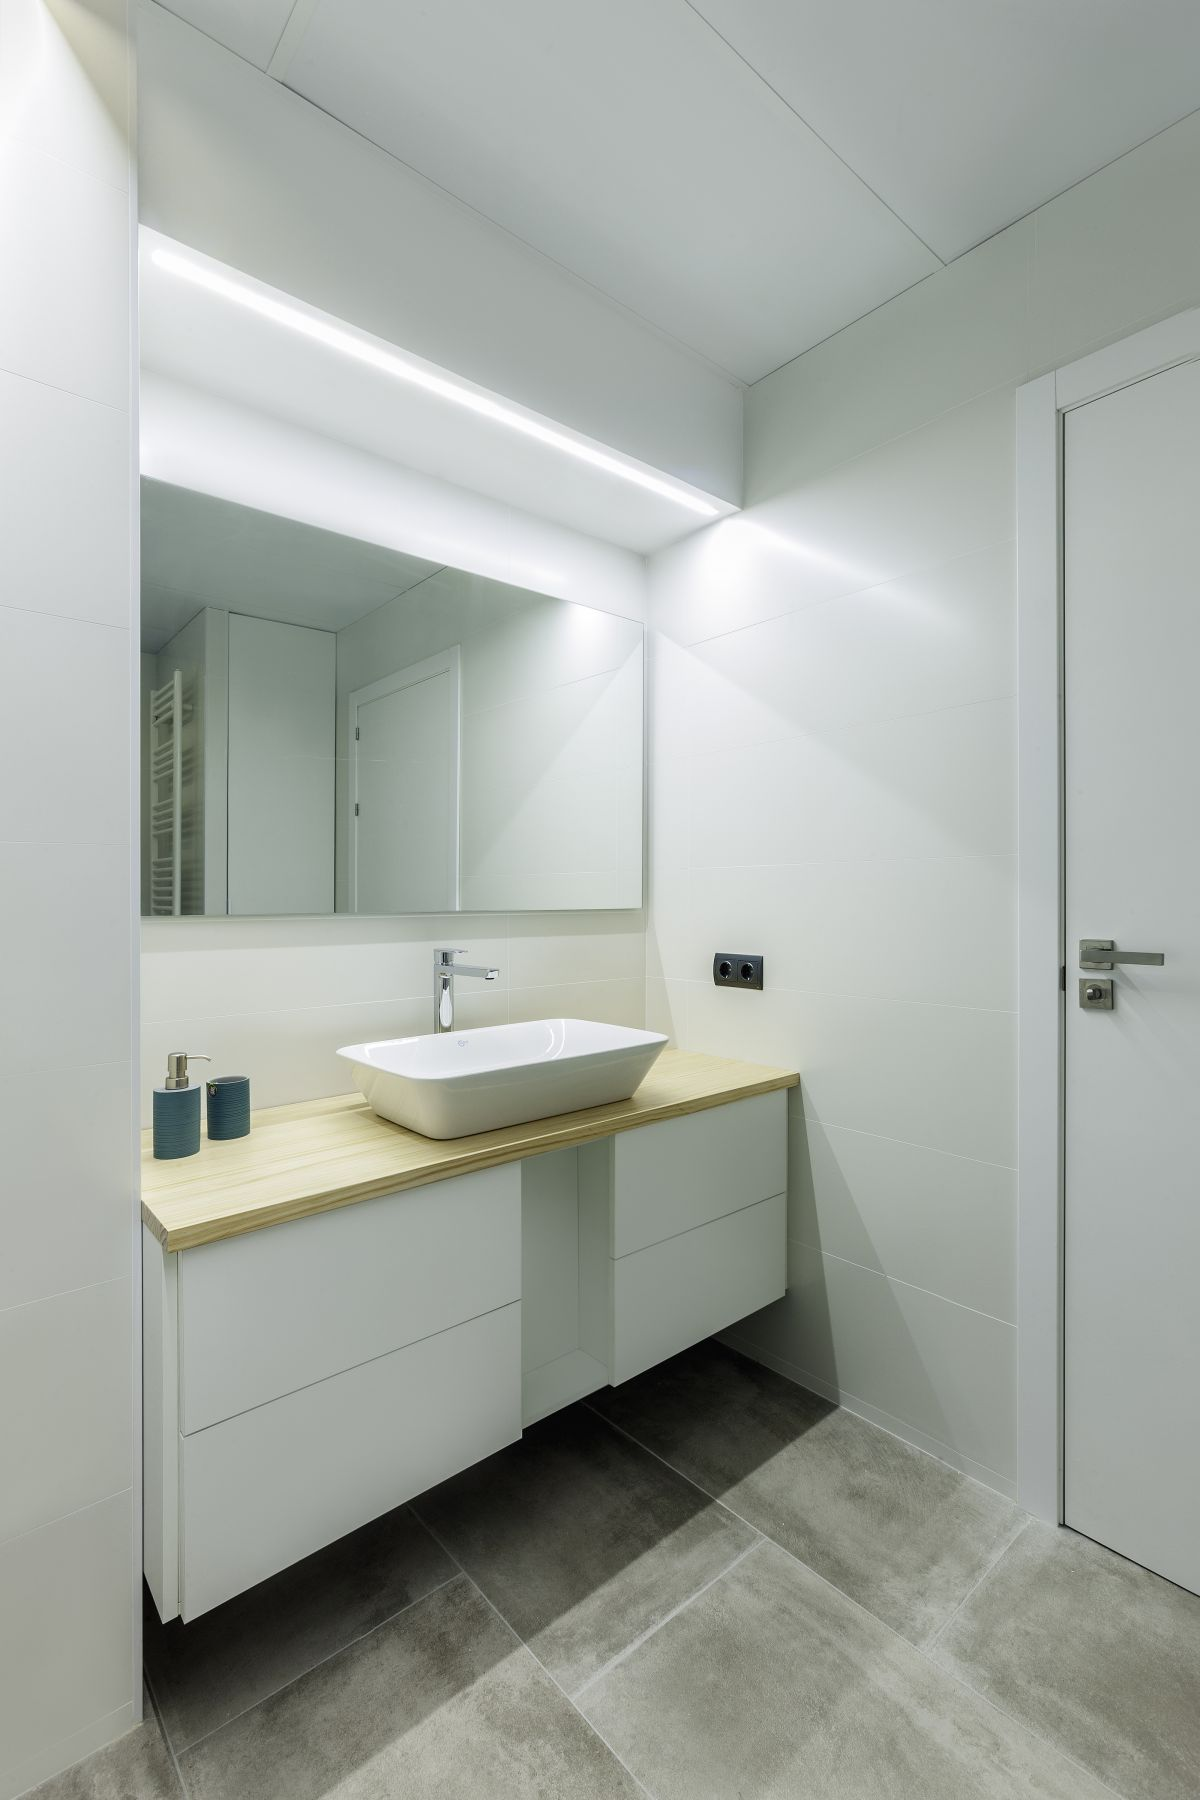 bany, moble, fusta, disseny, càlid, interiorisme, dissenyador, interiorista